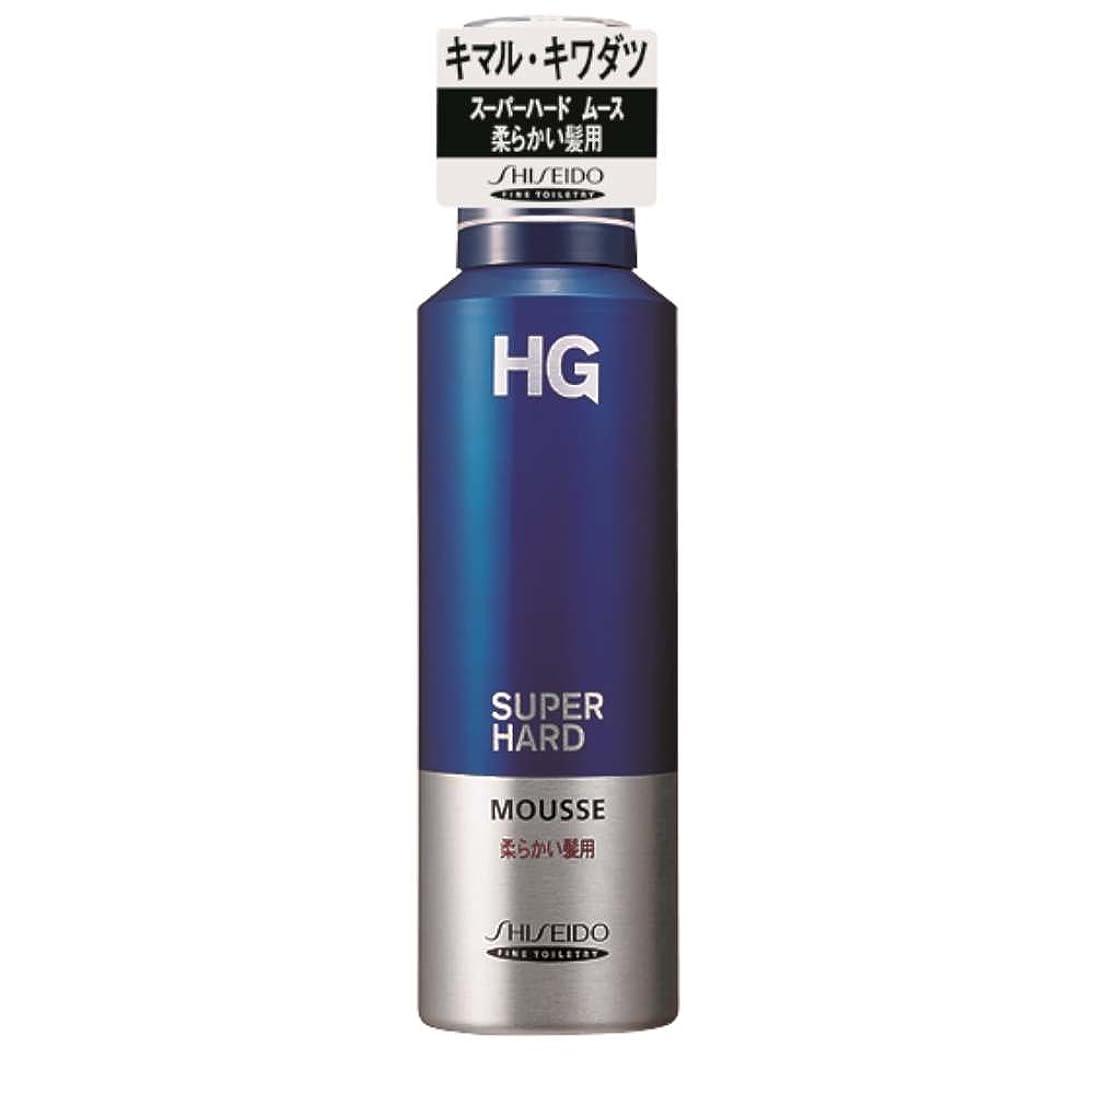 正しい記者注意HG スーパーハード ムース 柔かい髪 180g